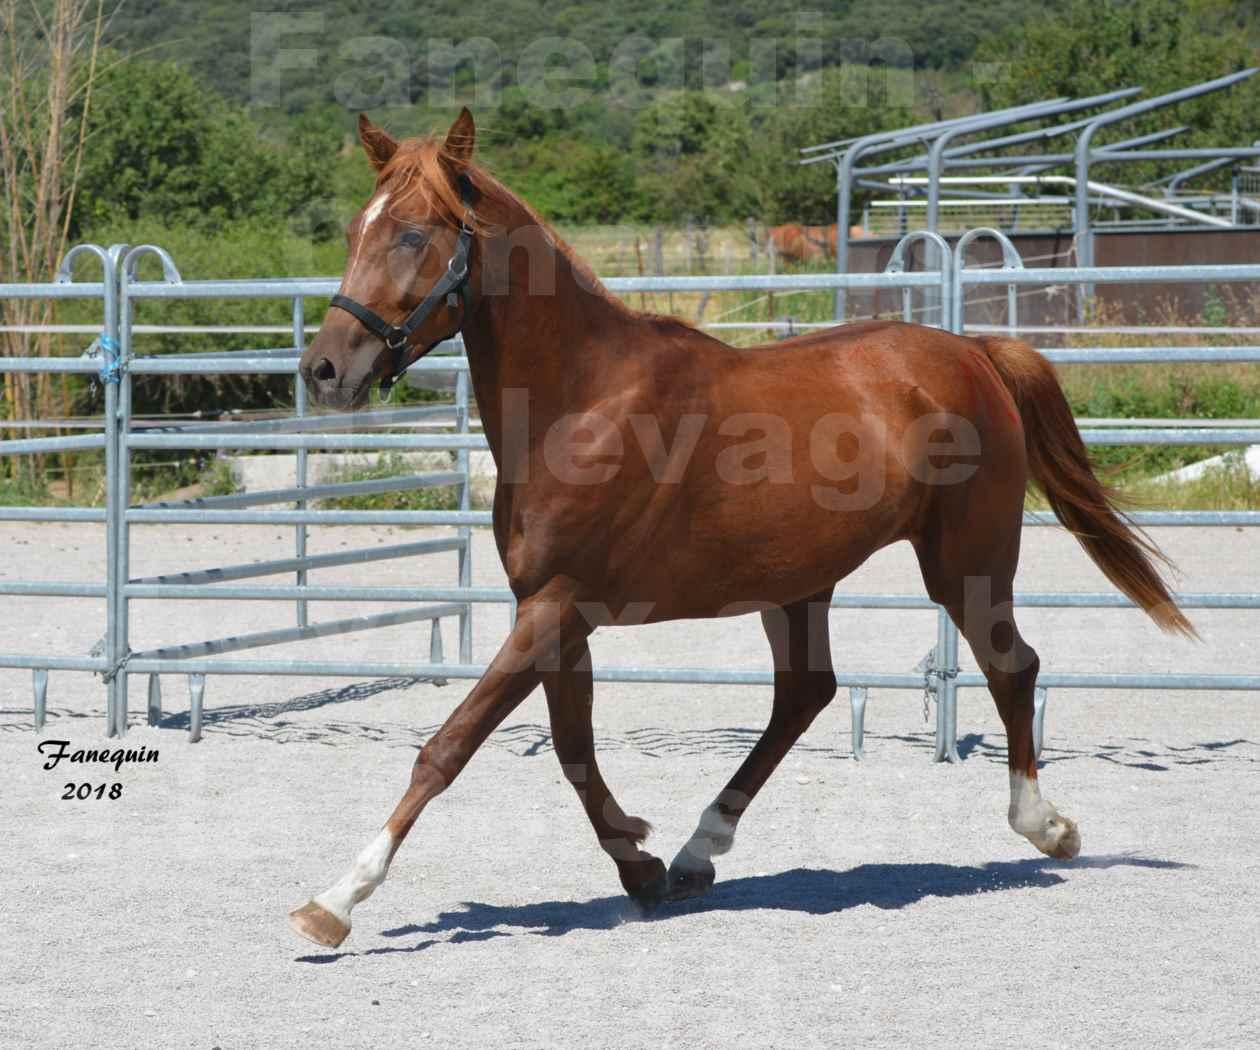 Concours d'Elevage de chevaux Arabes  le 27 juin 2018 à la BOISSIERE - FINLEY DES DOLINES - 04